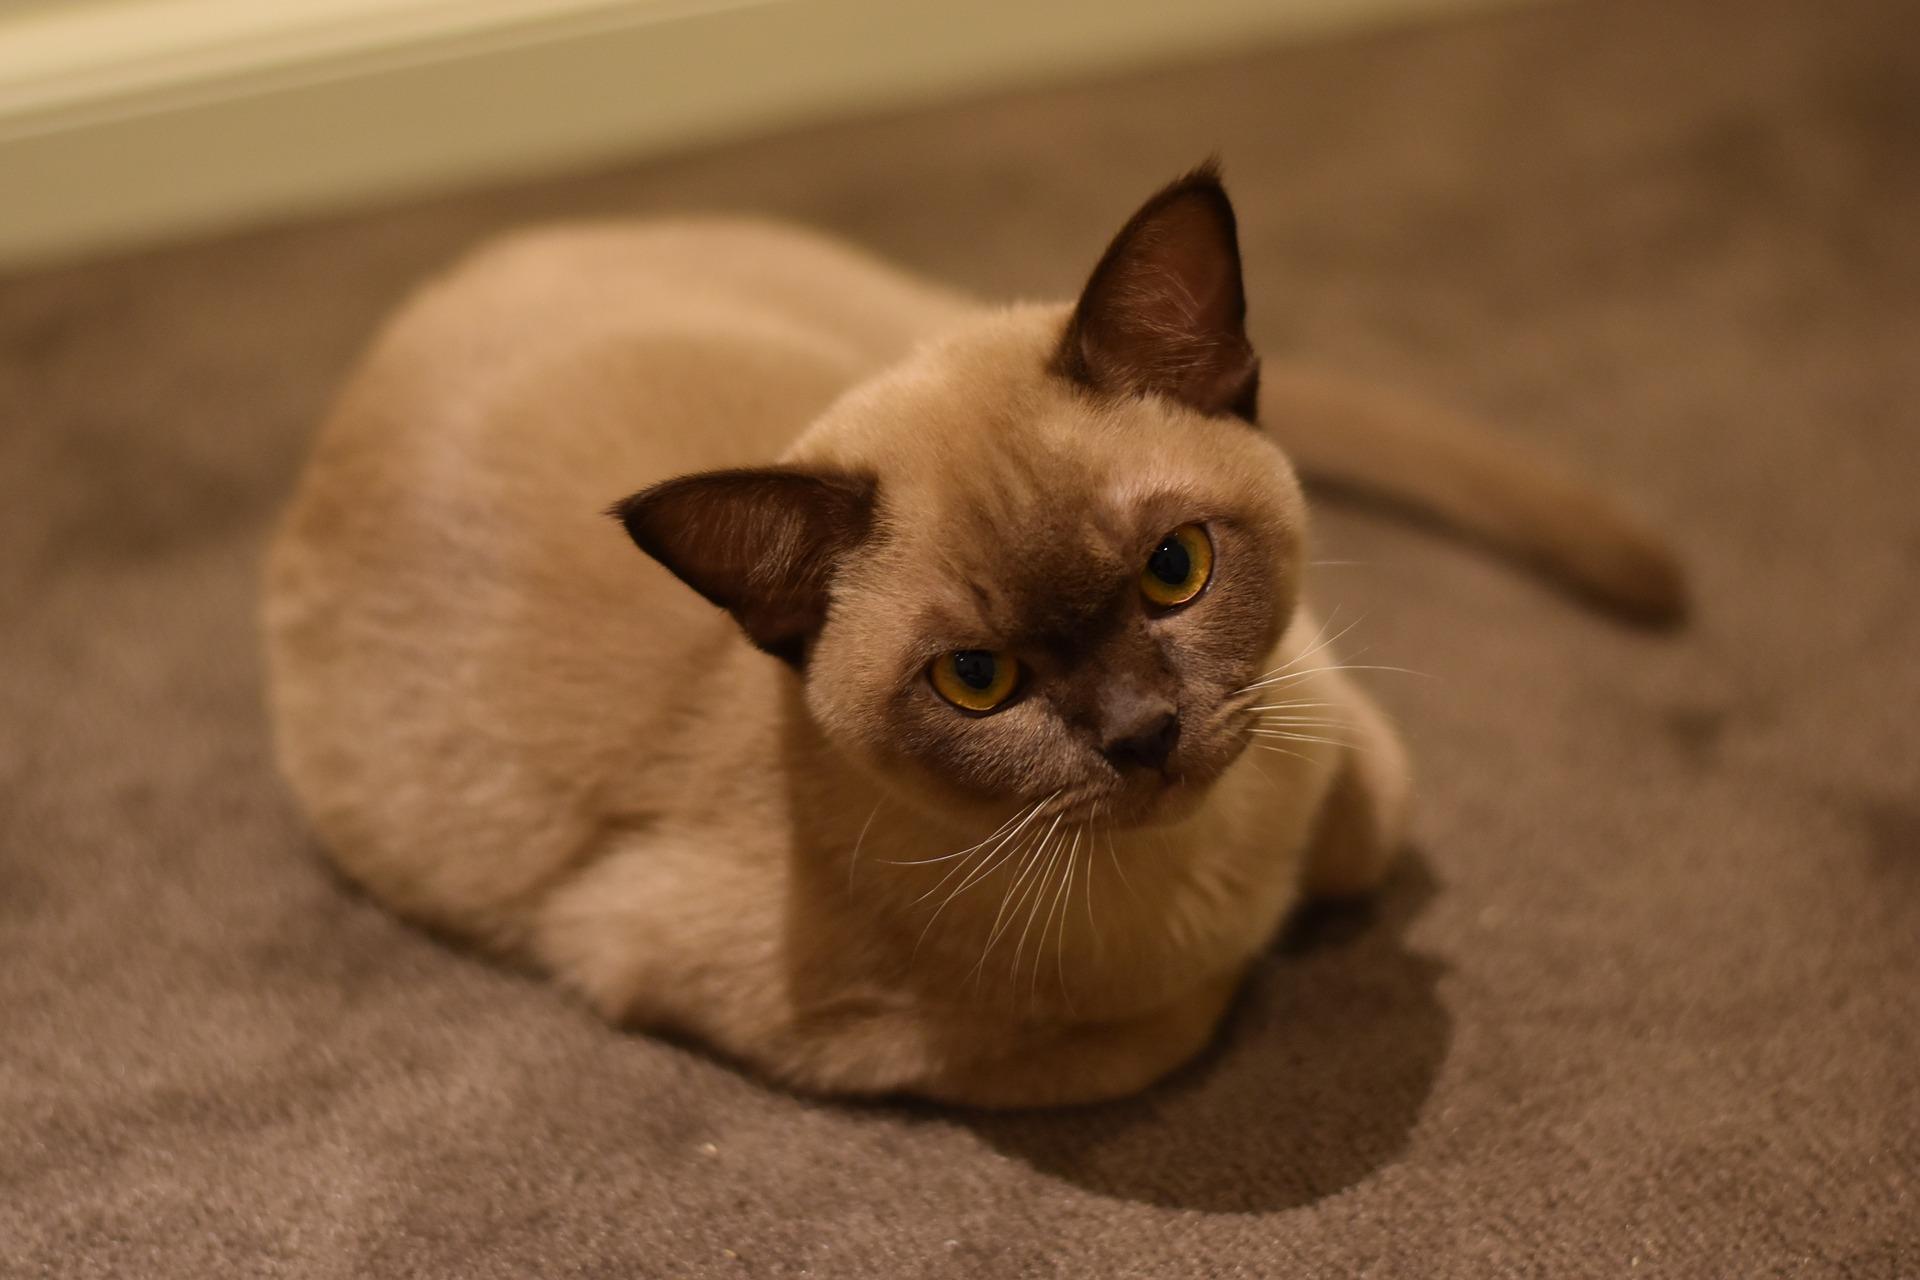 真有9條命? 澳洲小貓洗衣機內洗12分沒死